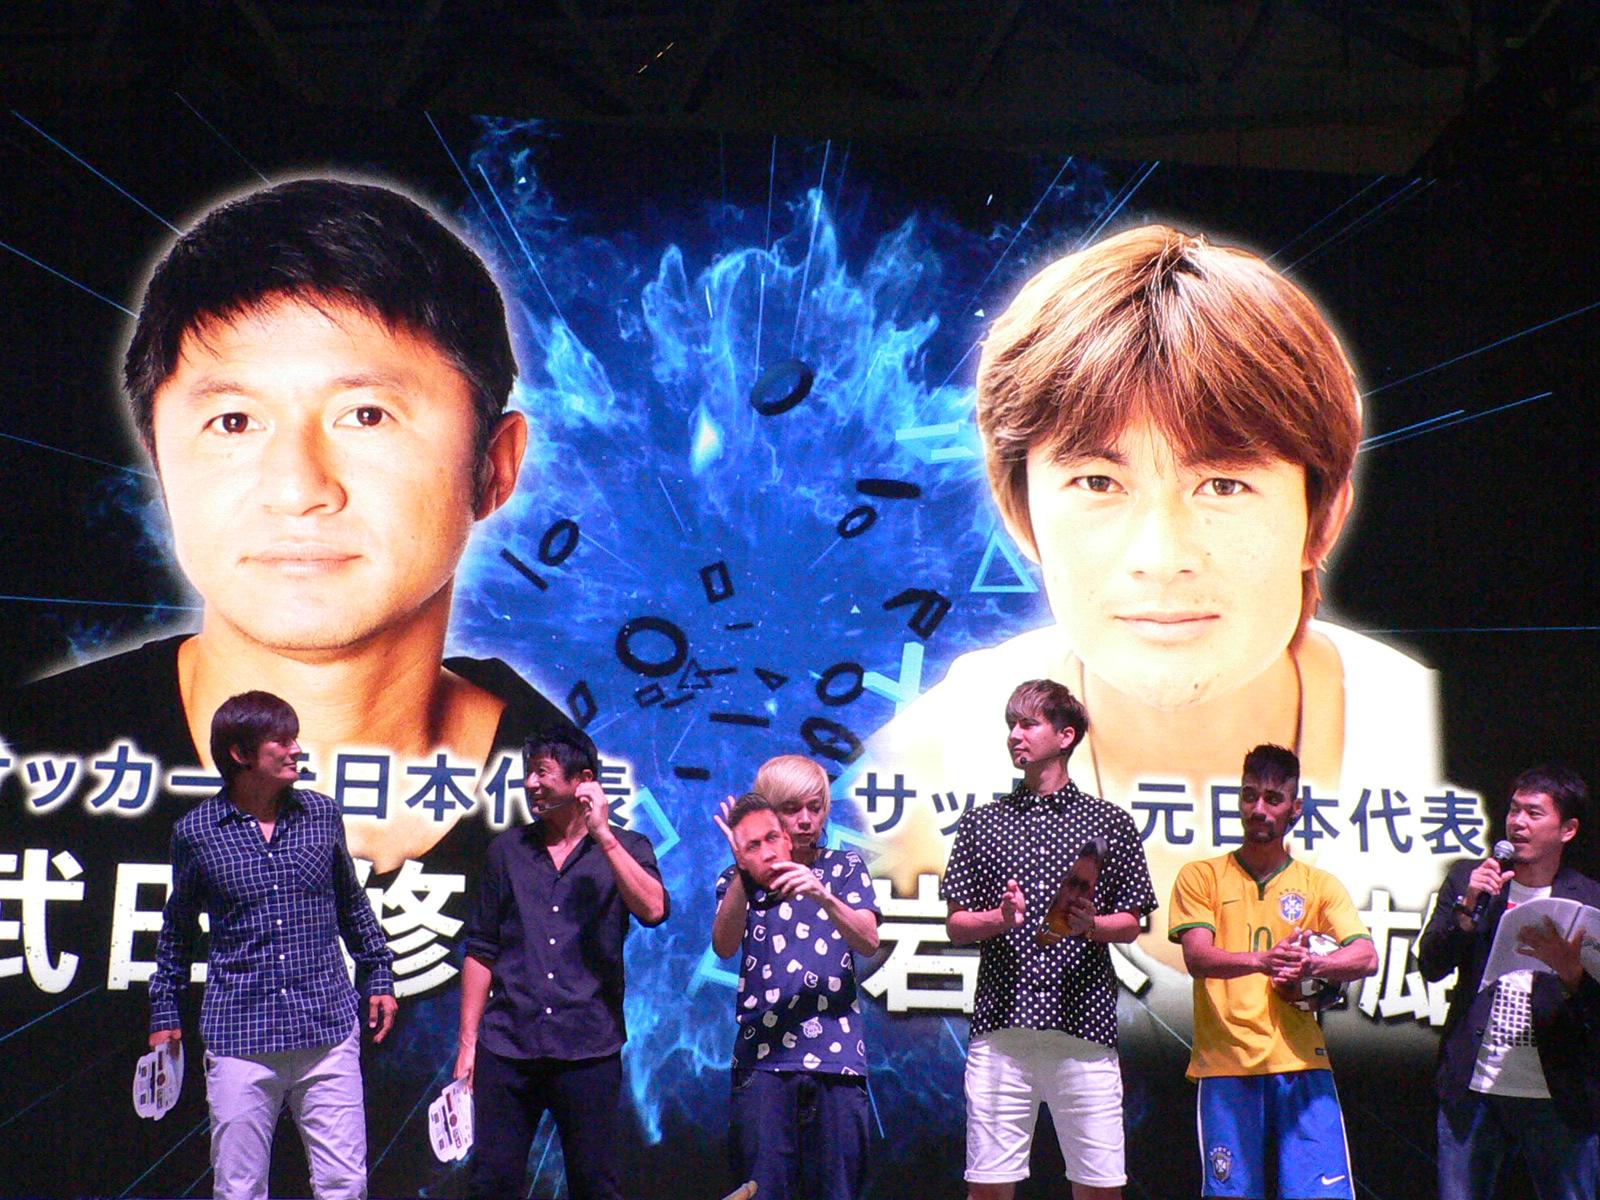 ドリームマッチの出演者。左から順に岩本さん、武田さん、森本さん、JOYさん、ネイボールさん